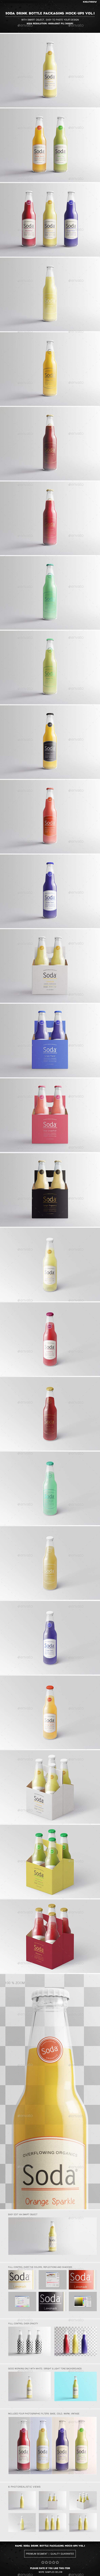 Soda Drink Bottle Packaging Mock-Ups Vol.1